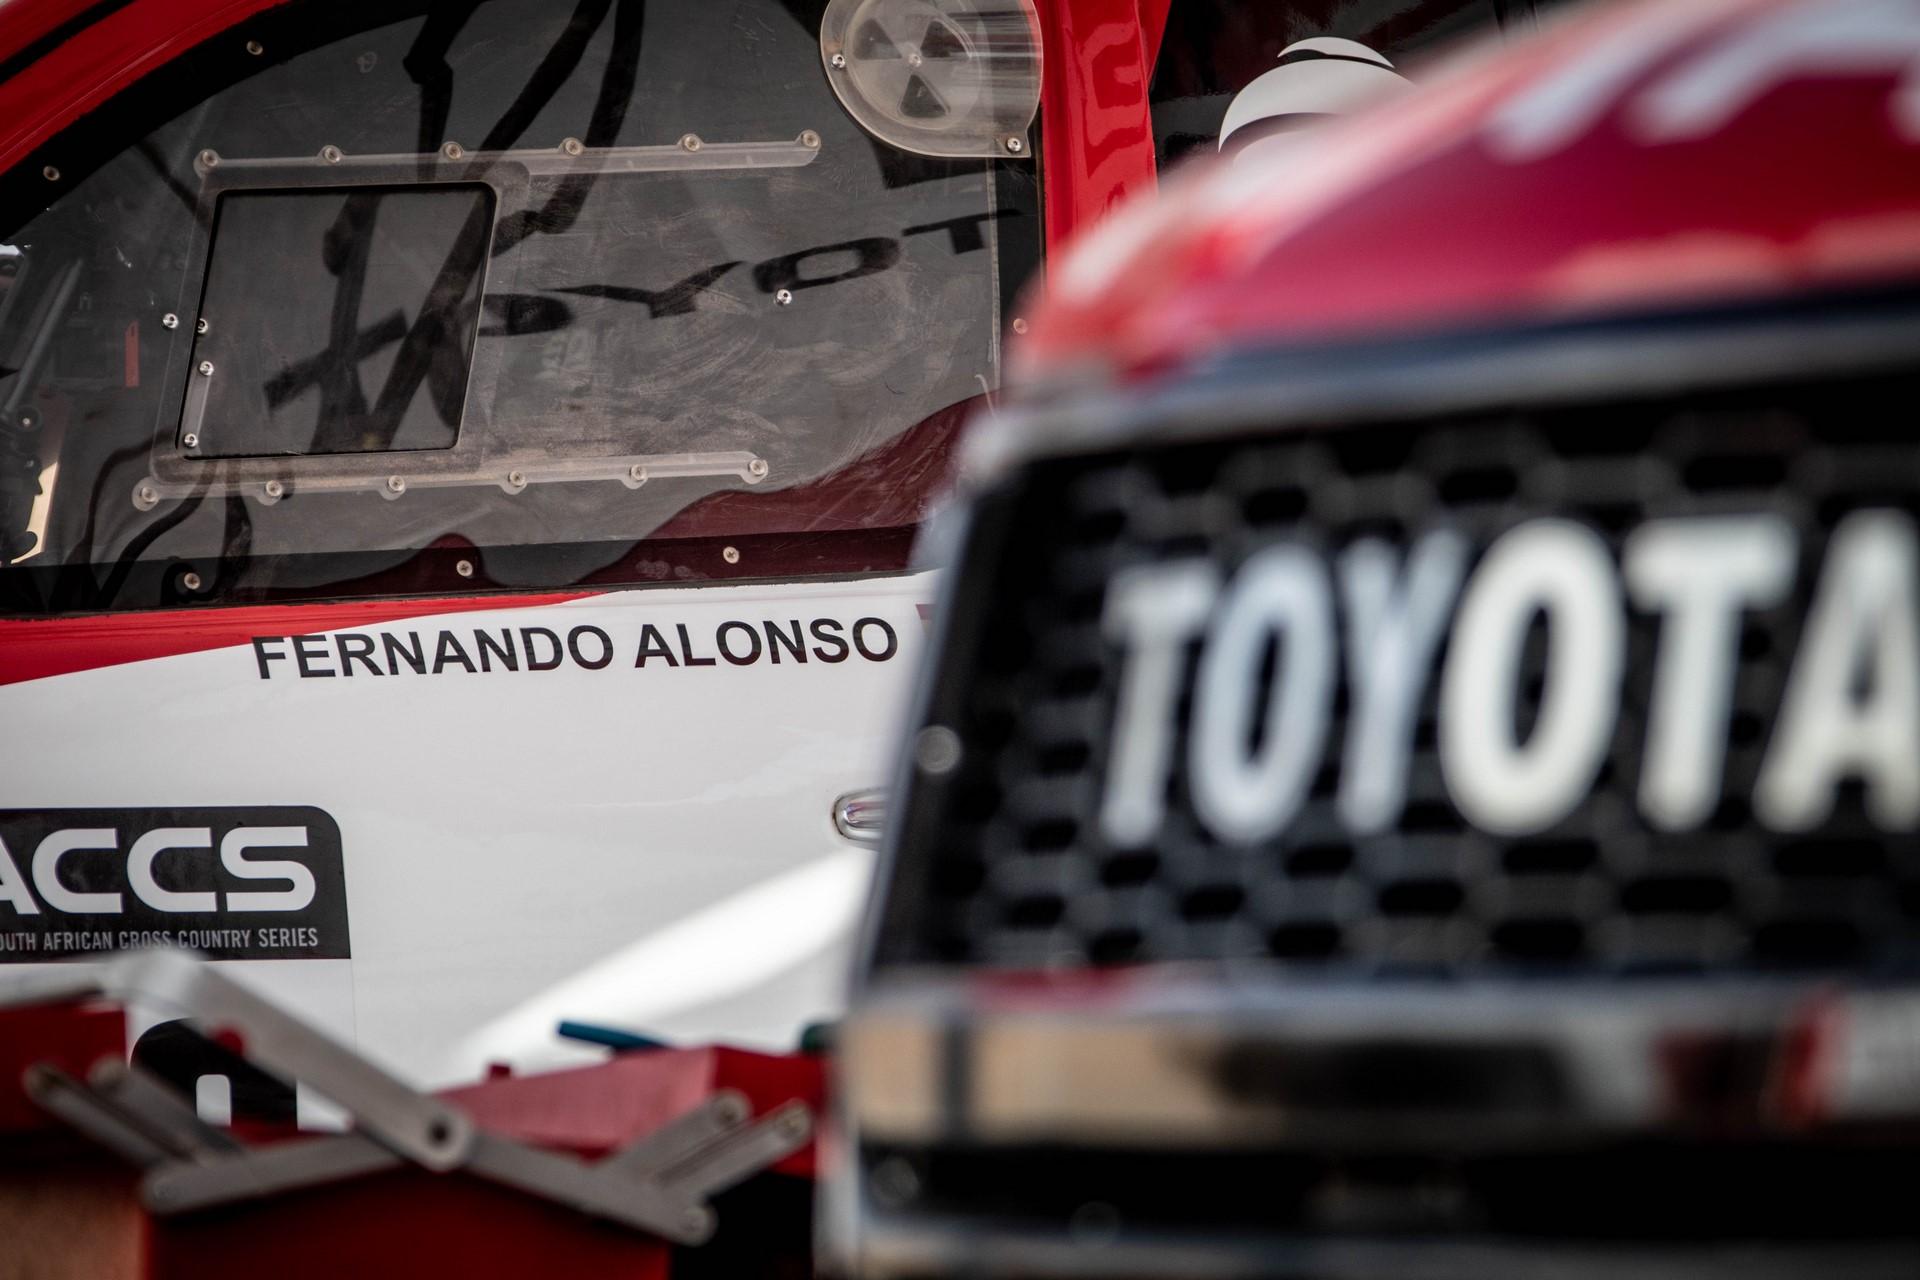 Fernando-Alonso-Training-Namibian-desert-3